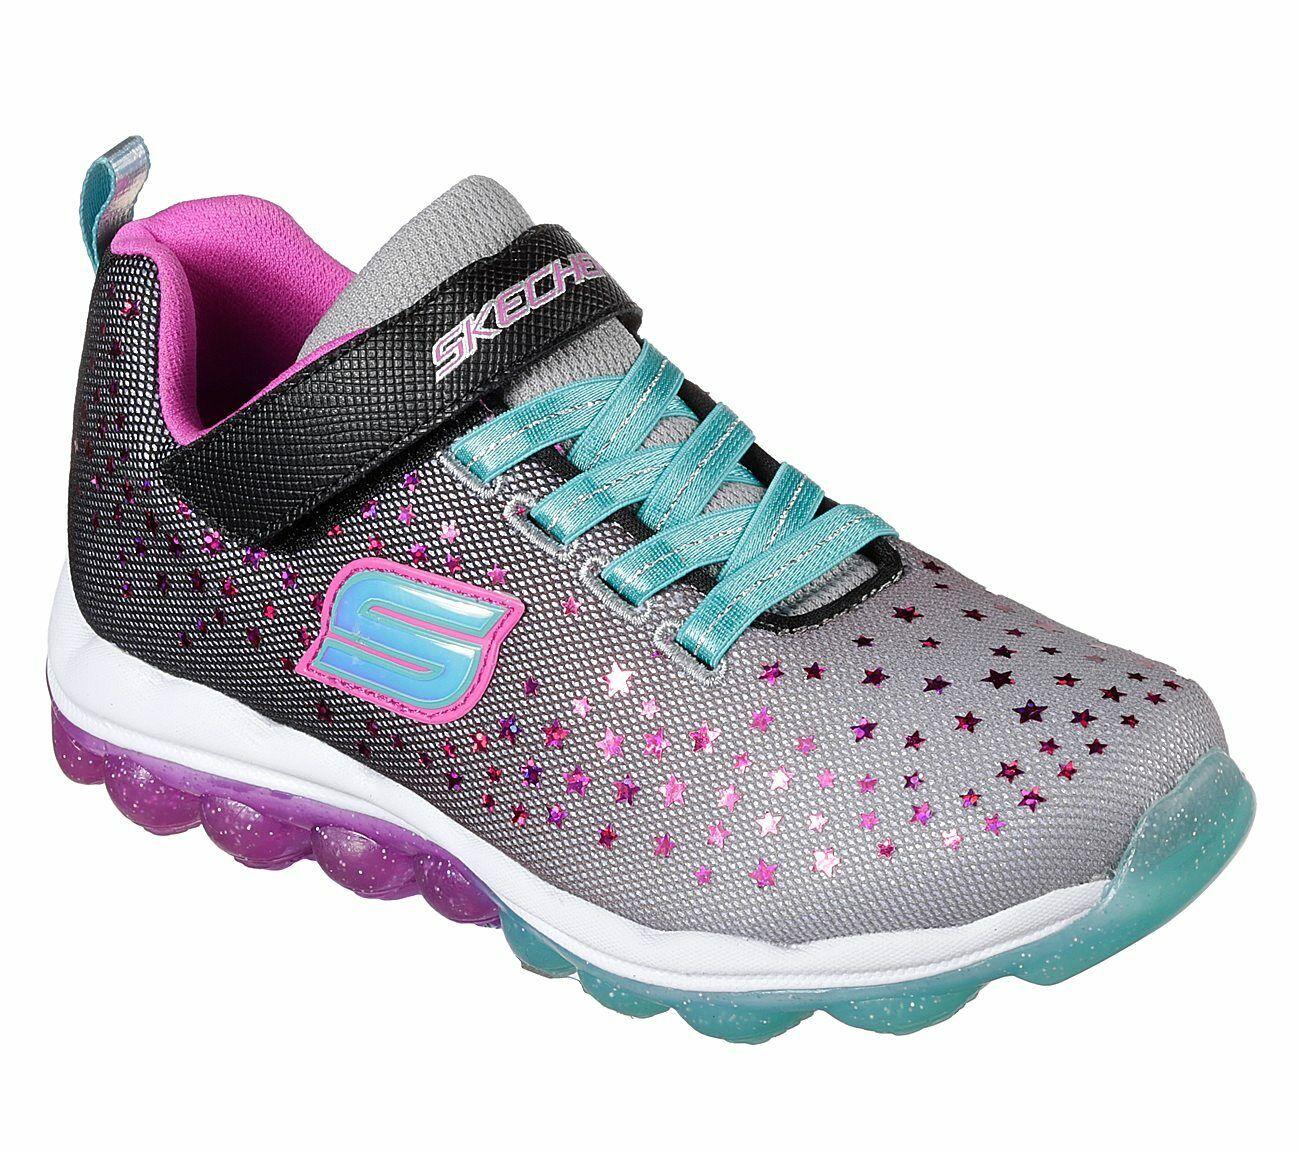 NEU SKECHERS Mädchen Sneakers SKECH AIR Schwarz Freizeitschuhe Sportschuhe | eBay